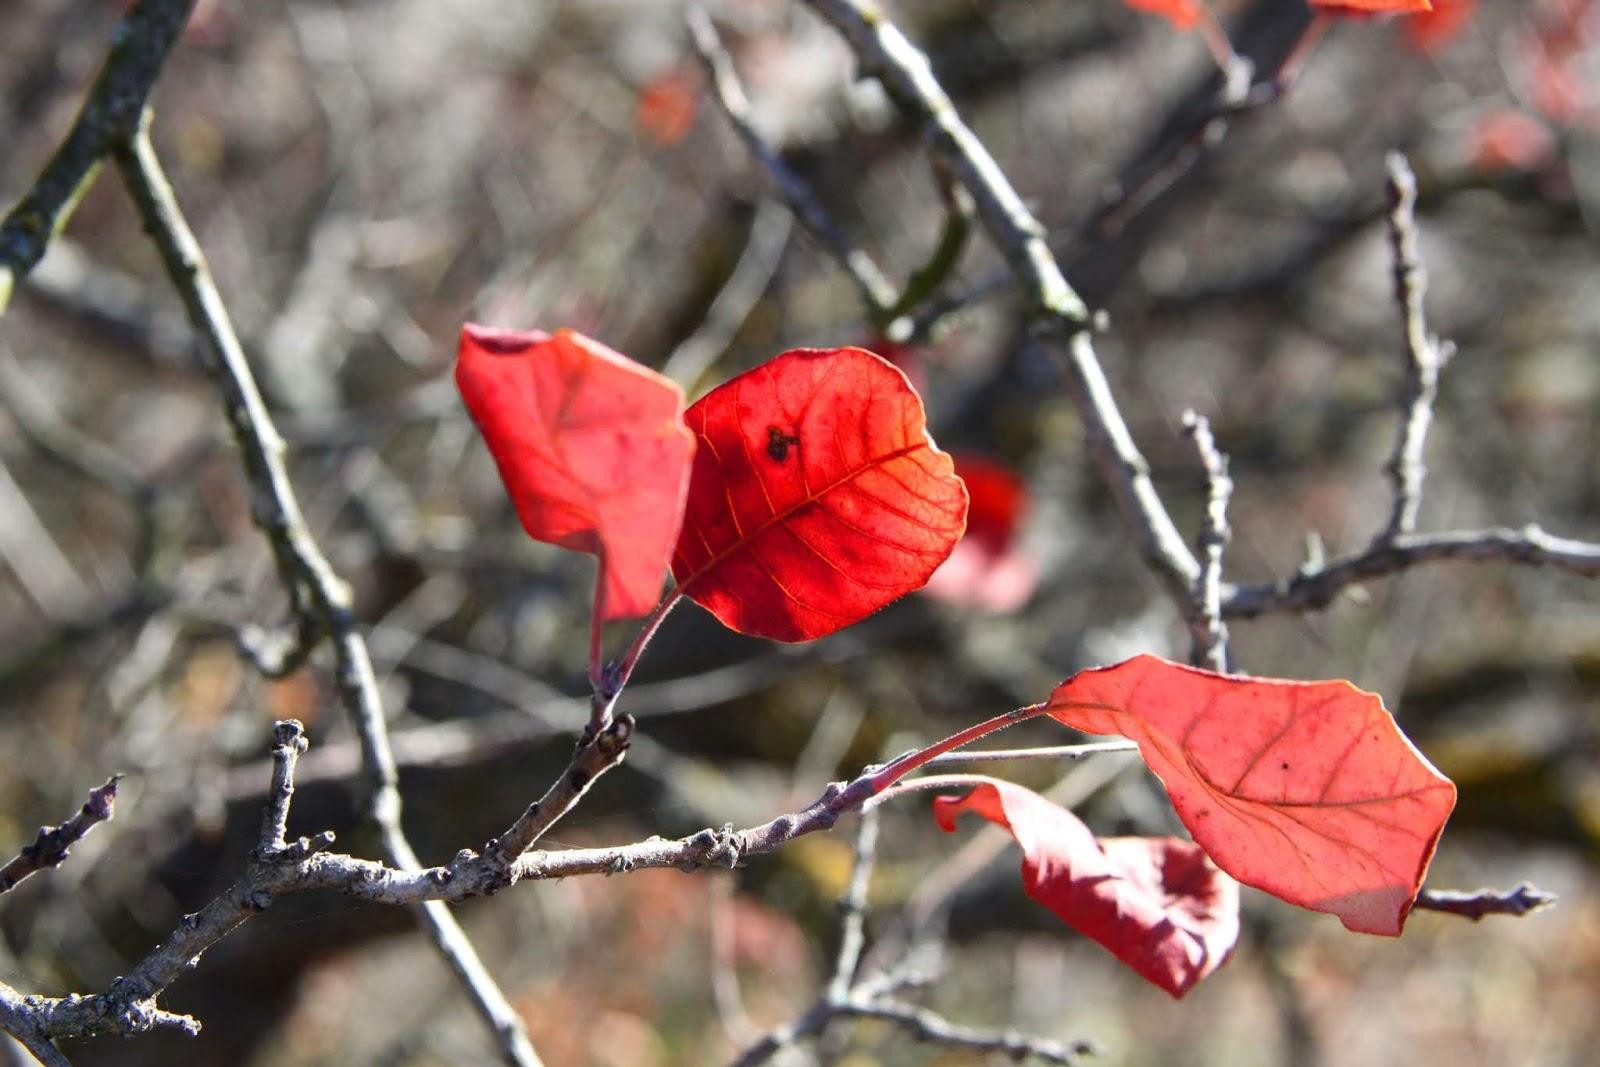 Погода 19 листопада: на Київщині температура повітря й надалі поступово знижуватиметься - погода - 19 pogoda